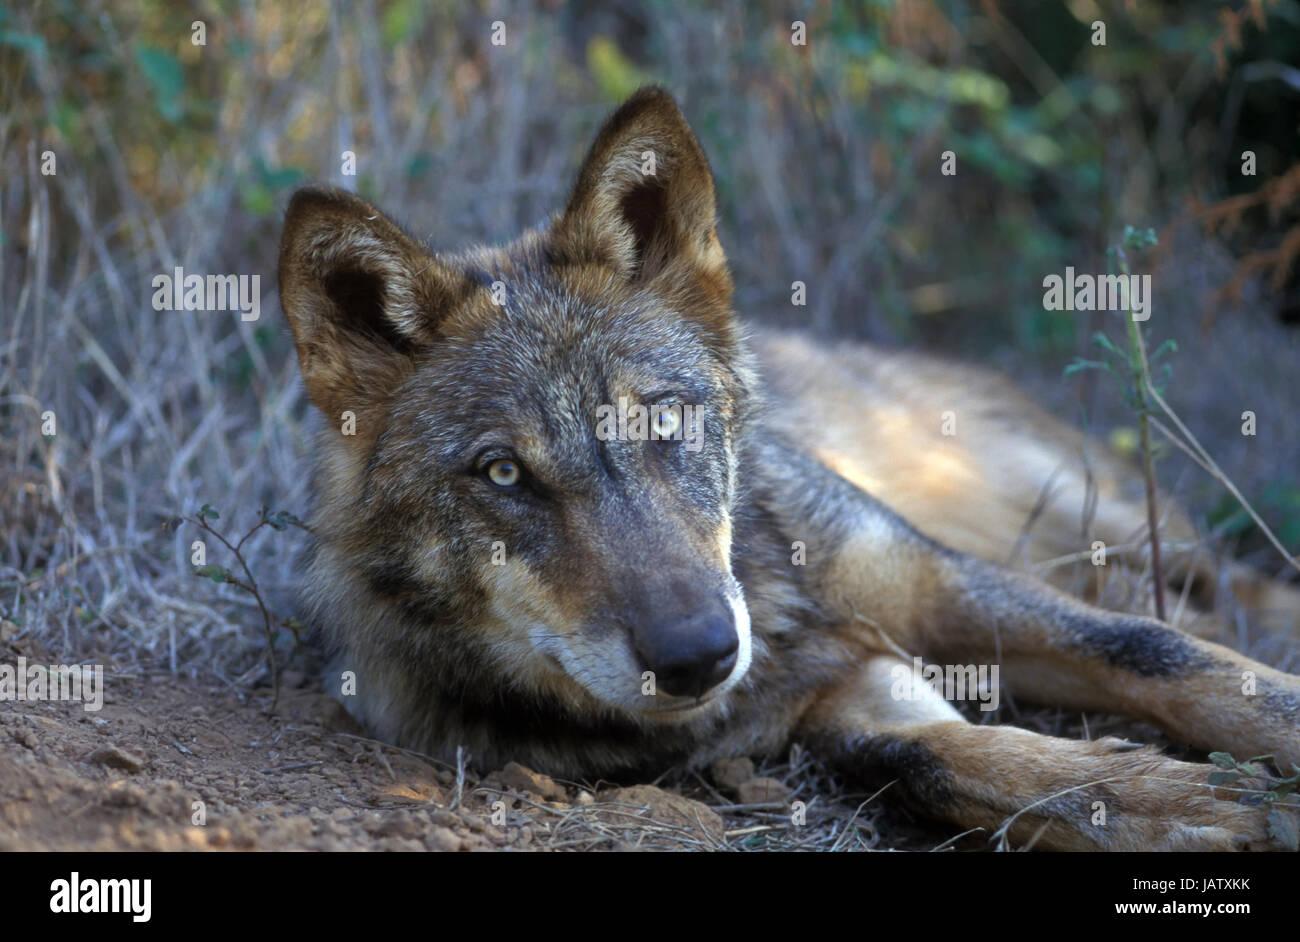 Lobo ibérico (Canis lupus signatus). El lobo ibérico es una especie emblemática de la fauna ibérica. Imagen De Stock